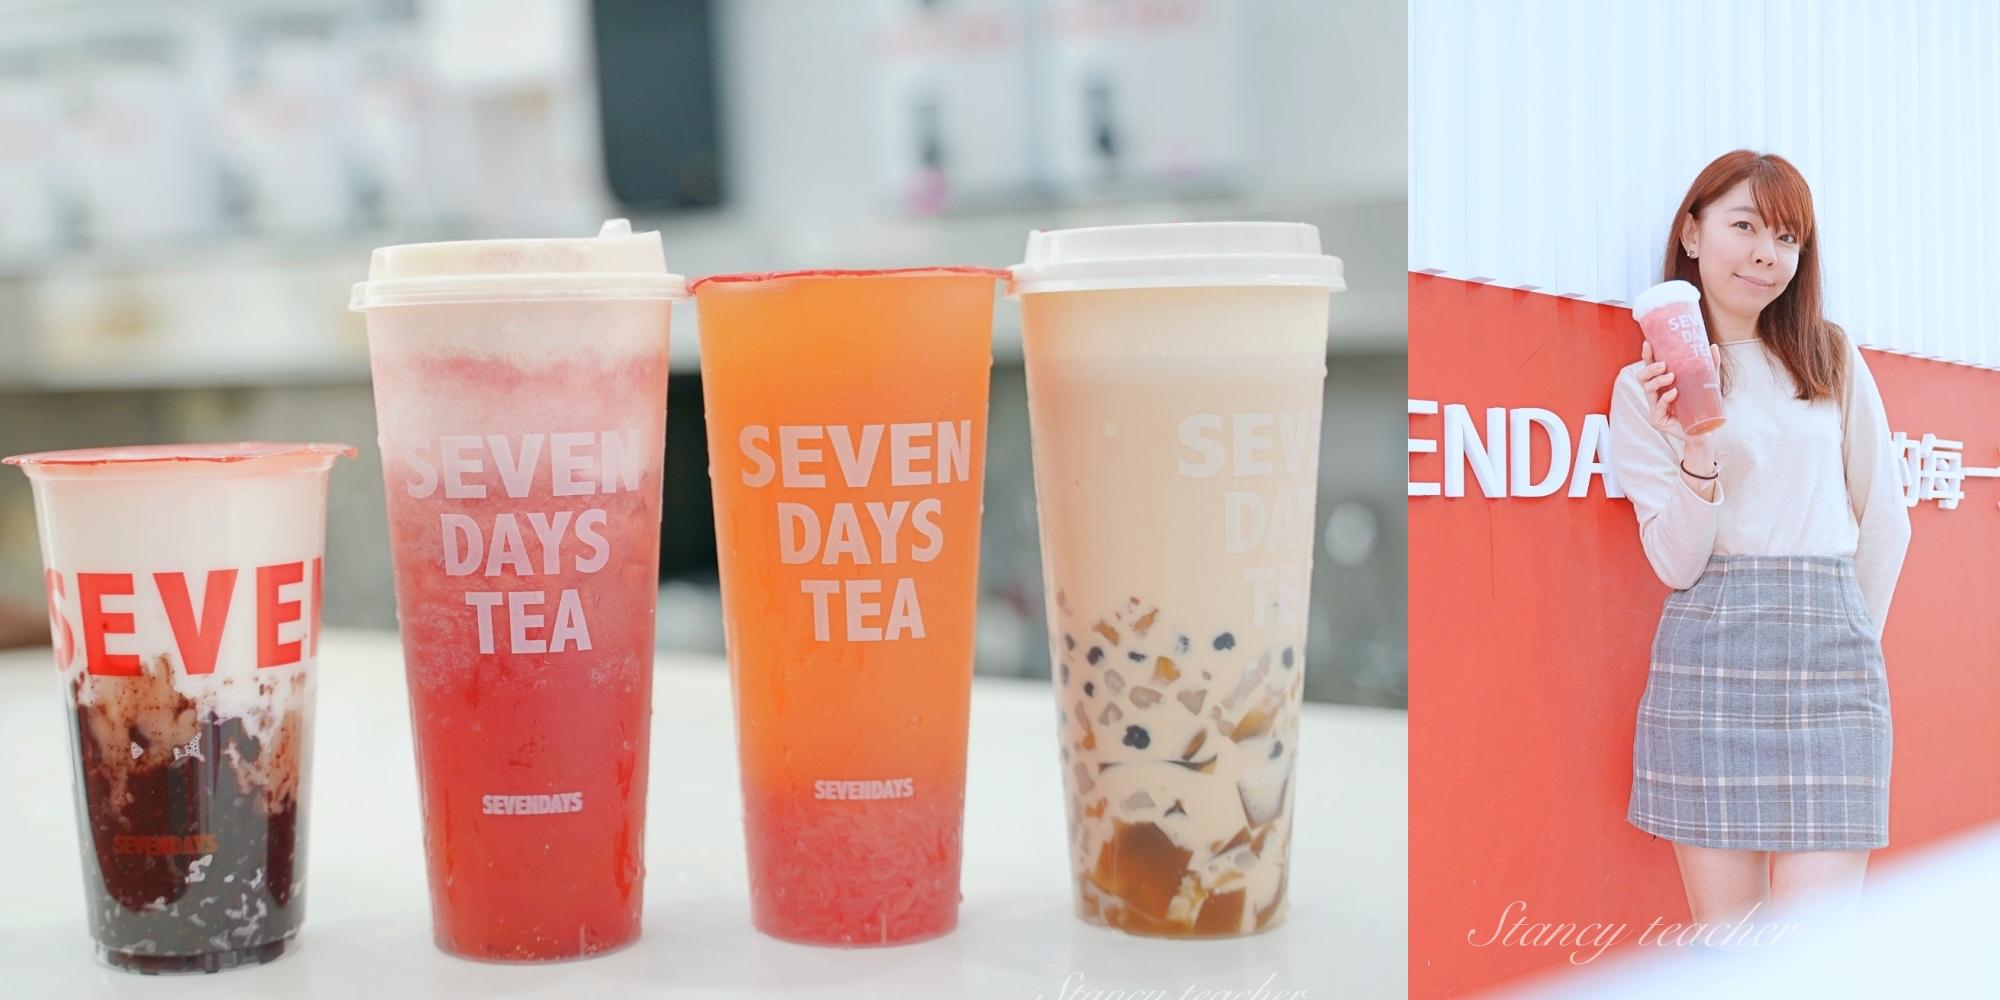 SEVEN DAYS TEA|真材實料水果手搖飲|草莓控必喝芝到了莓|首創豆香奶茶料多多|第一名楊枝甘露(菜單、價格)